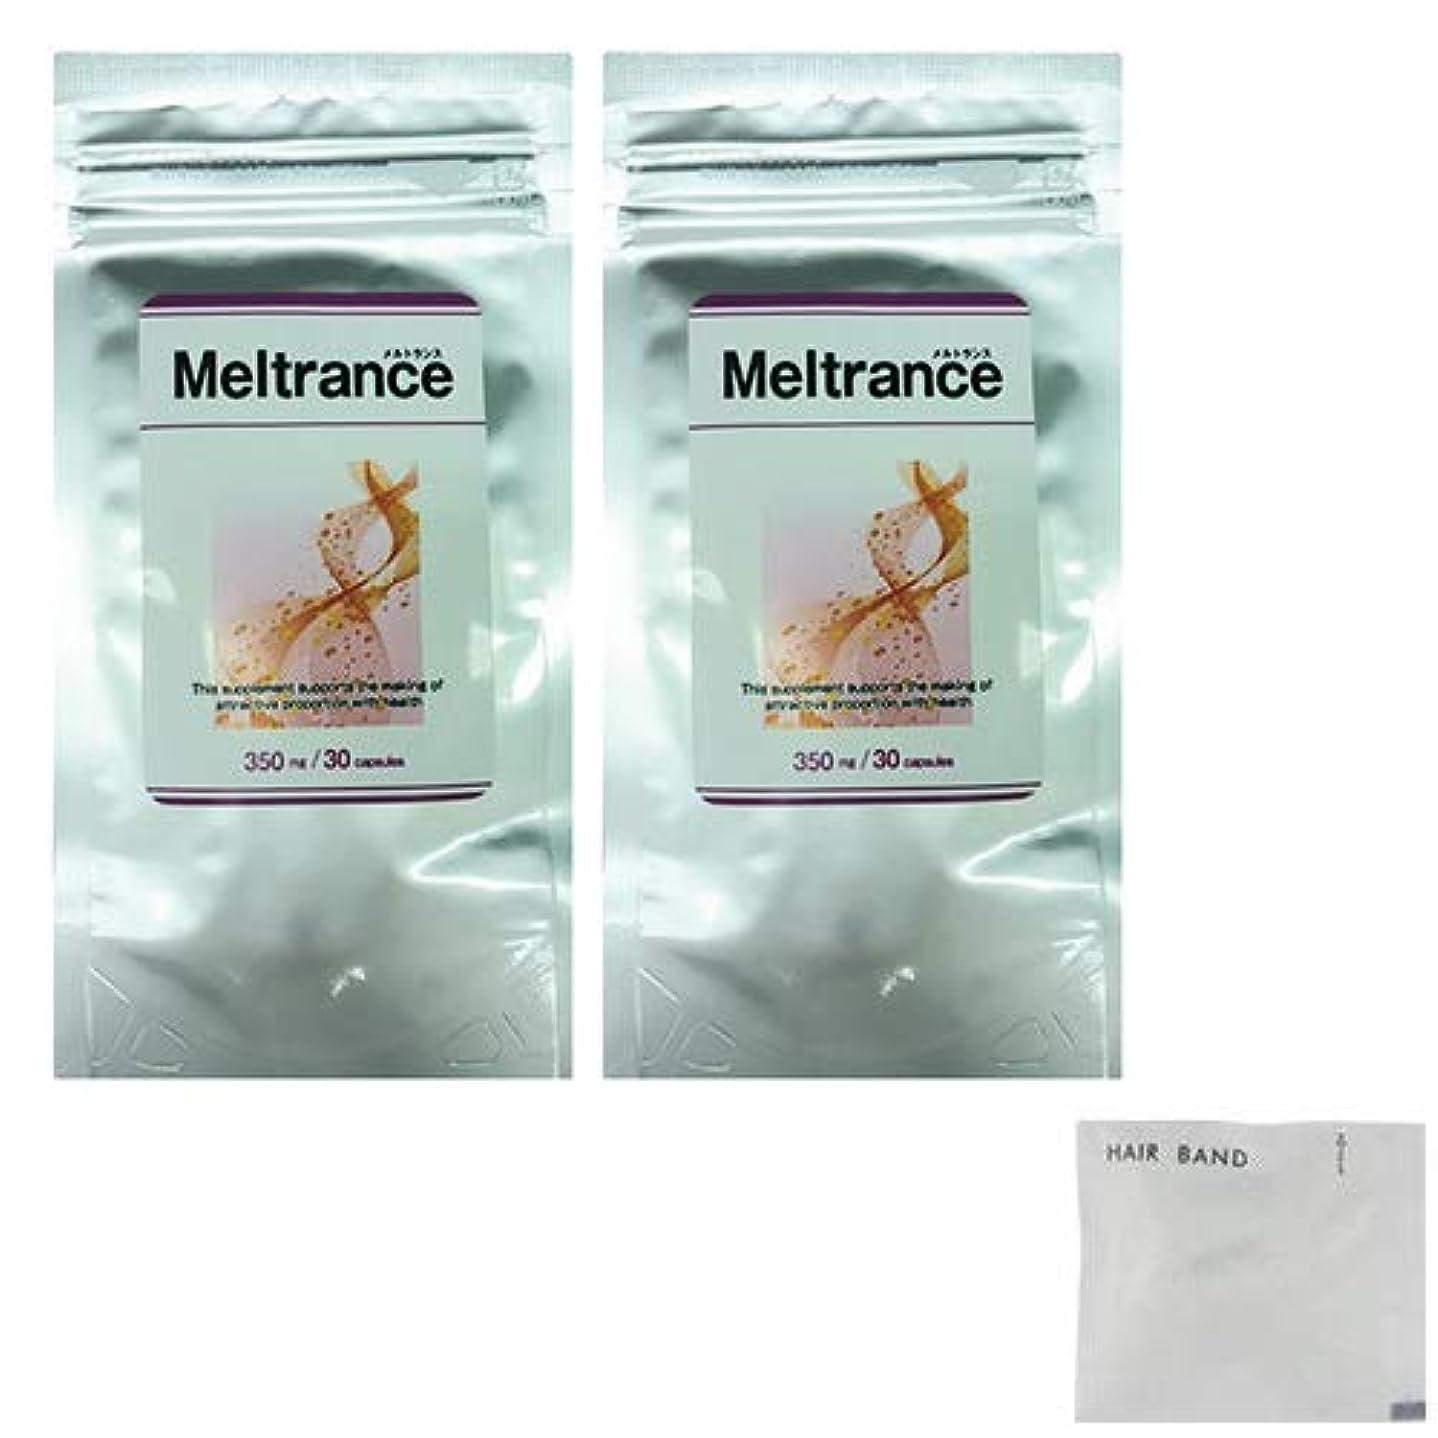 春黒人彼女はメルトランス(Meltrance) サプリメント 30粒×2個 + ヘアゴム(カラーはおまかせ)セット